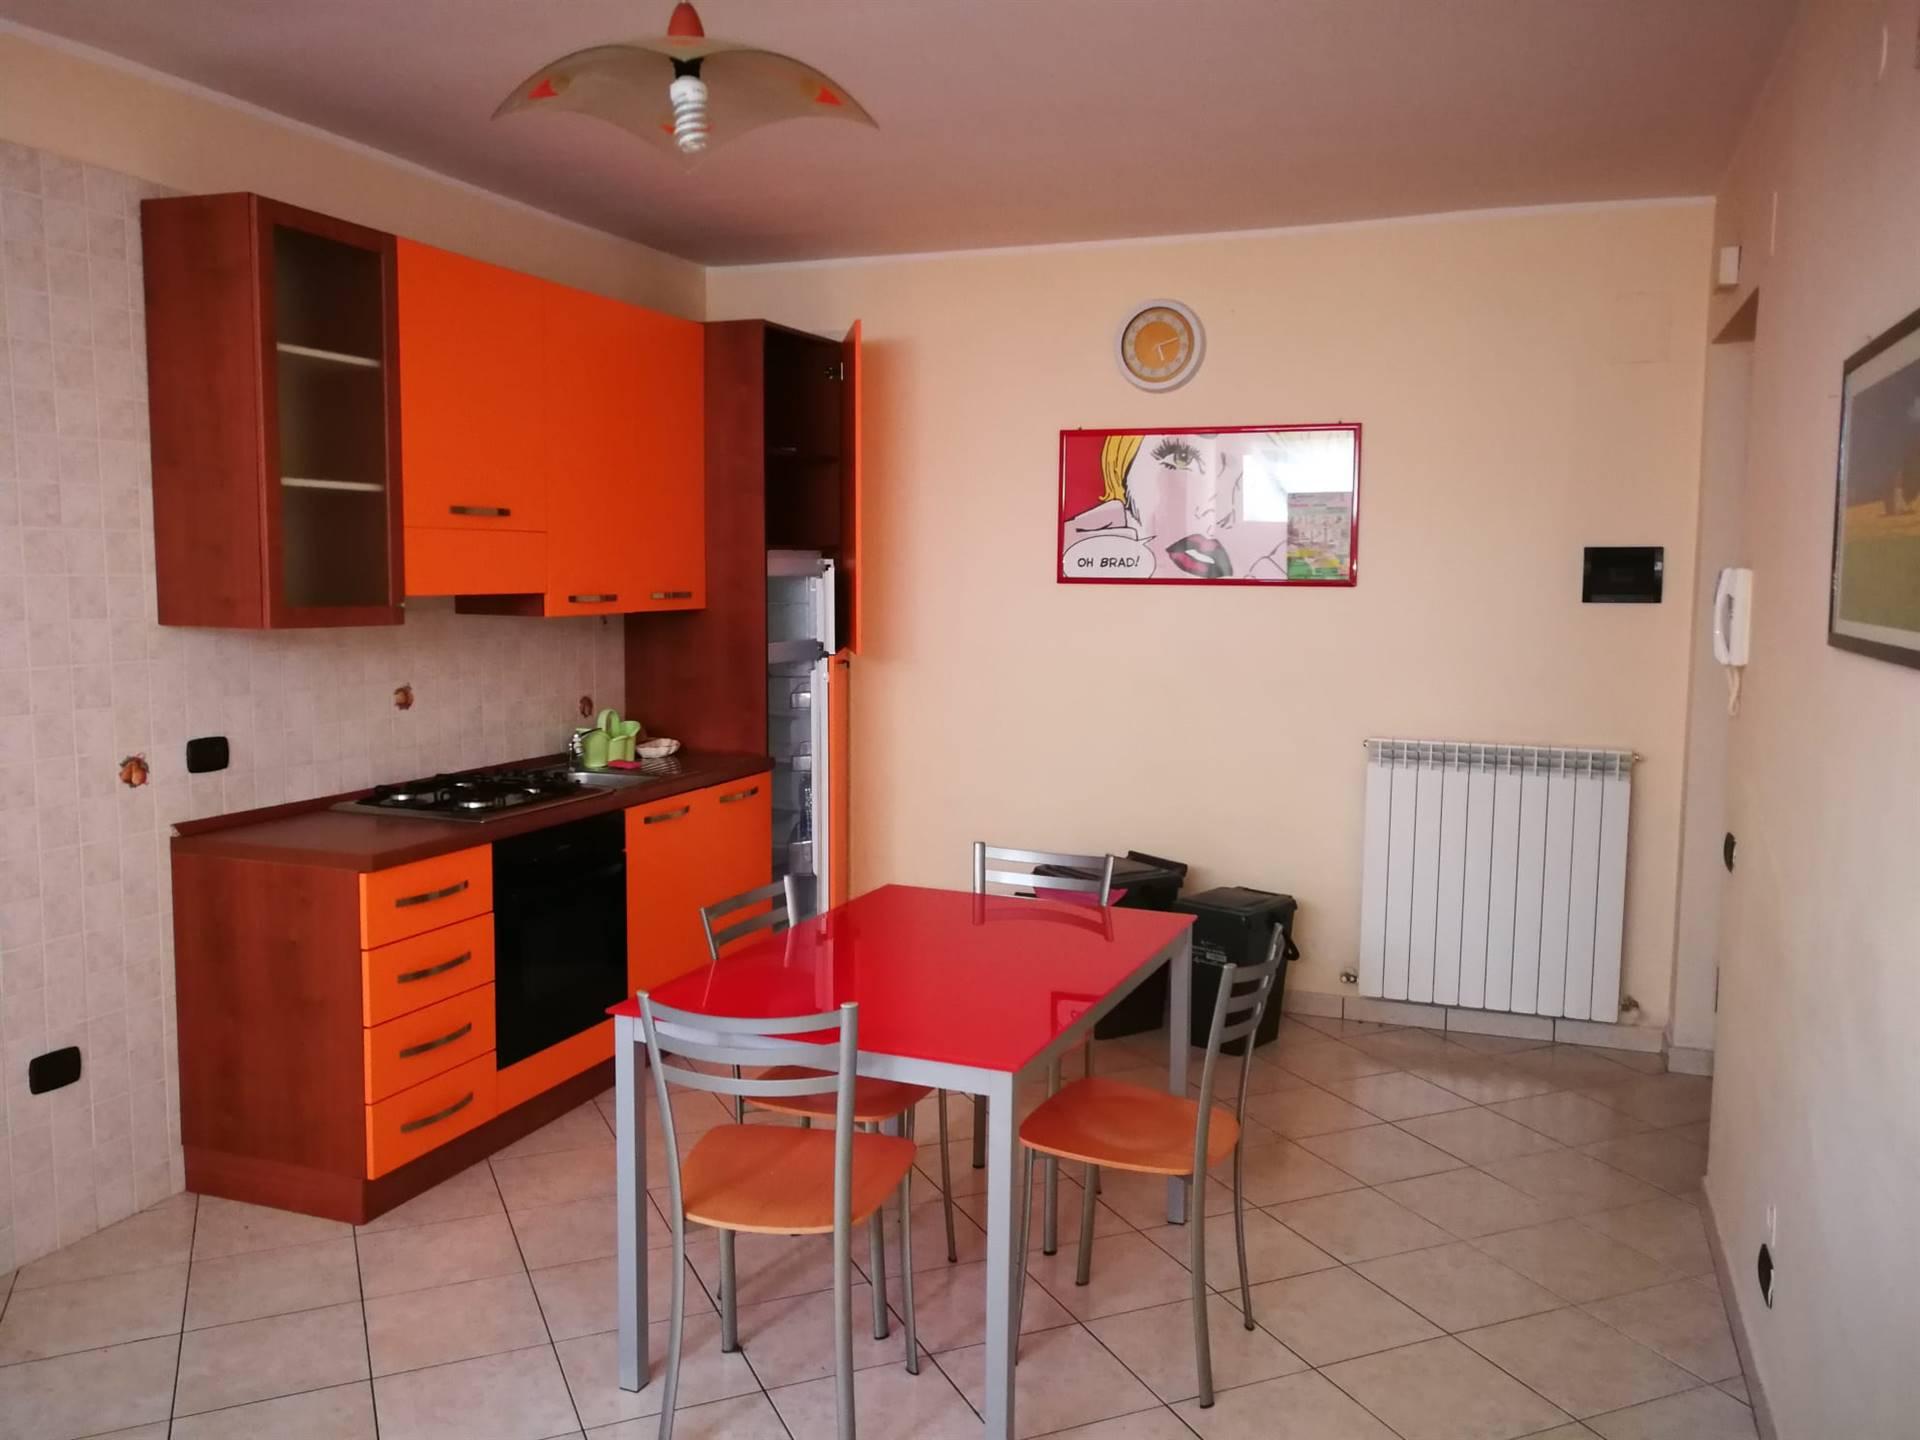 Appartamento in affitto a Rende, 3 locali, zona Località: CONTRADA DATTOLI, prezzo € 280 | CambioCasa.it